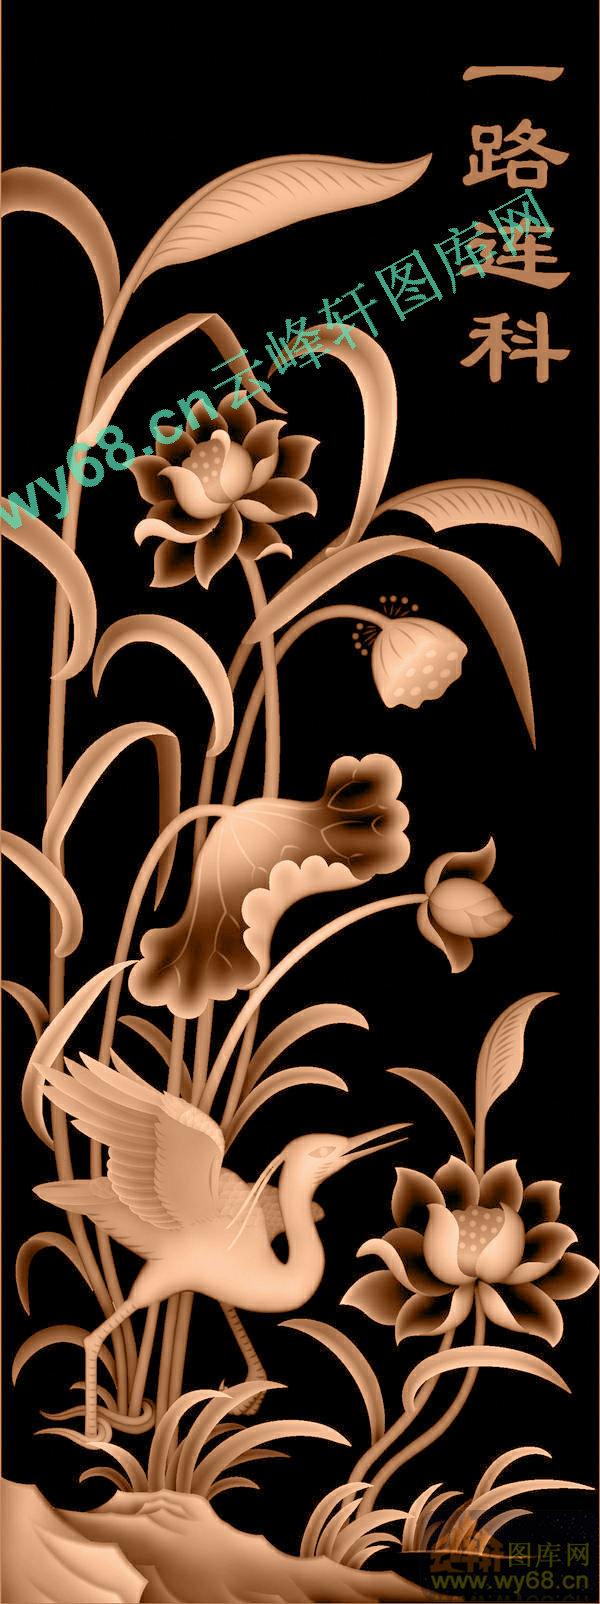 荷花仙鹤沙发靠背-花鸟精雕图案-精雕图,jpd图,浮雕图